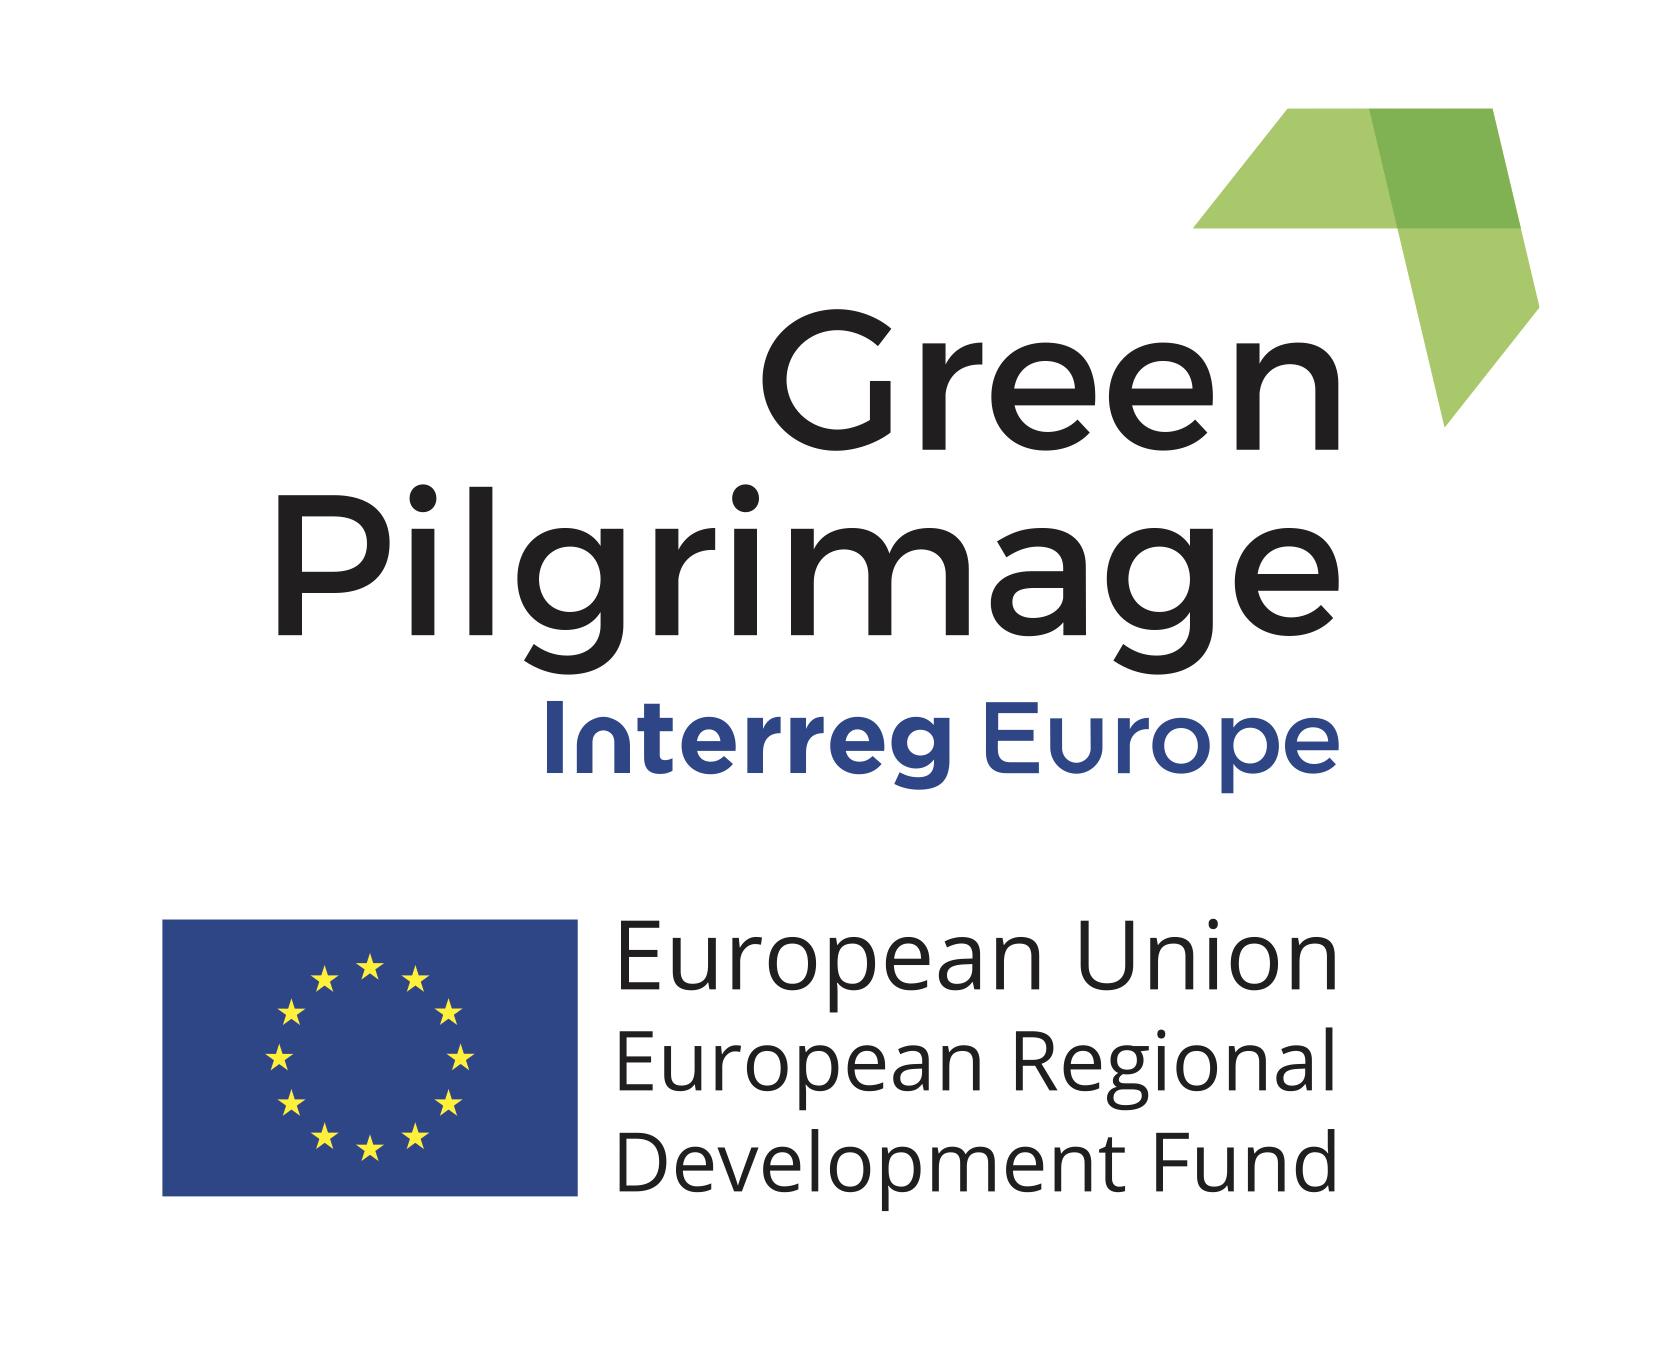 Interreg Europe European Regional Development Fund